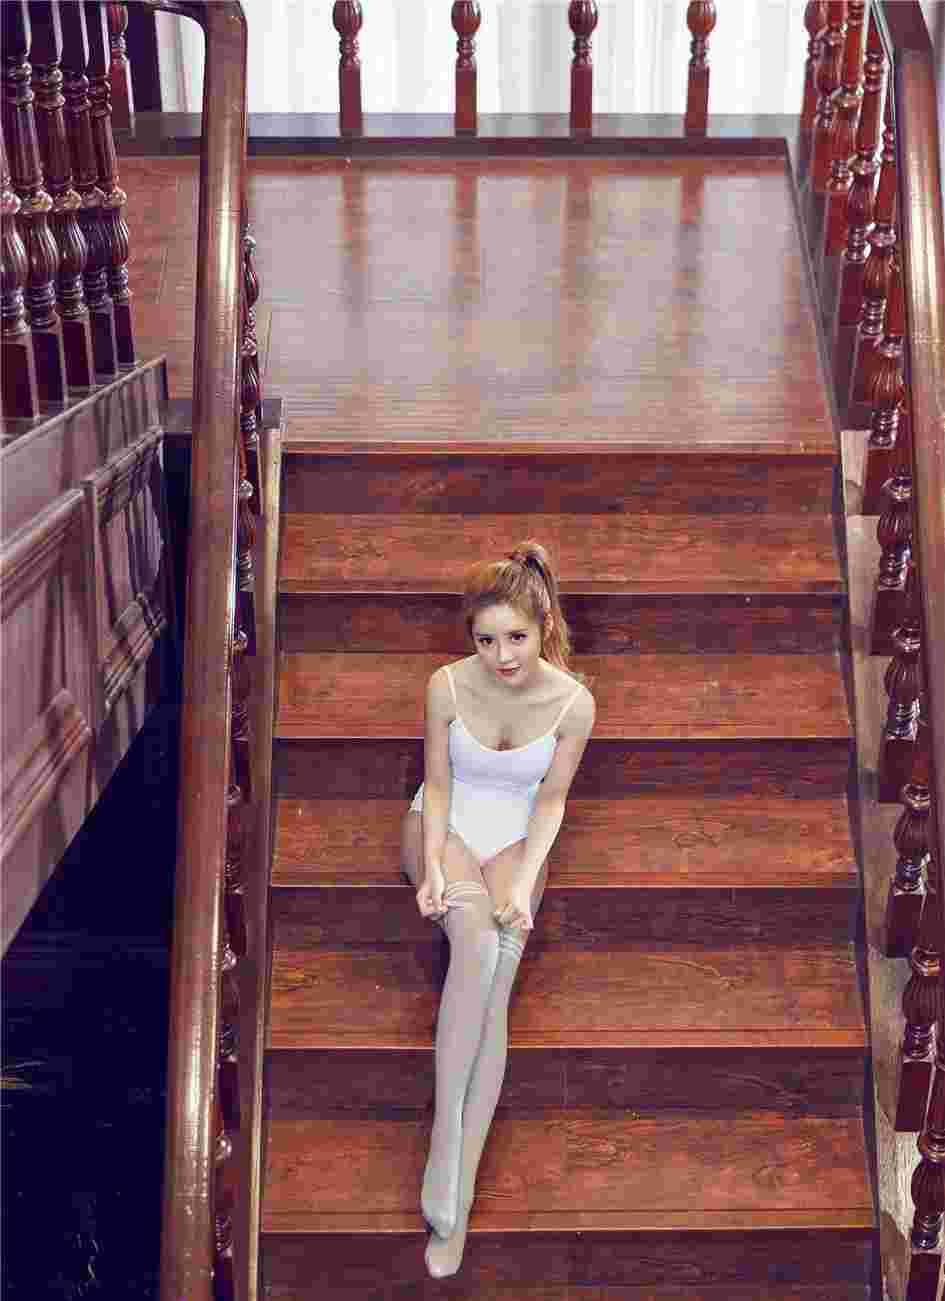 体操白丝美女乔柯涵修长美腿楼道间摆弄迷人身姿